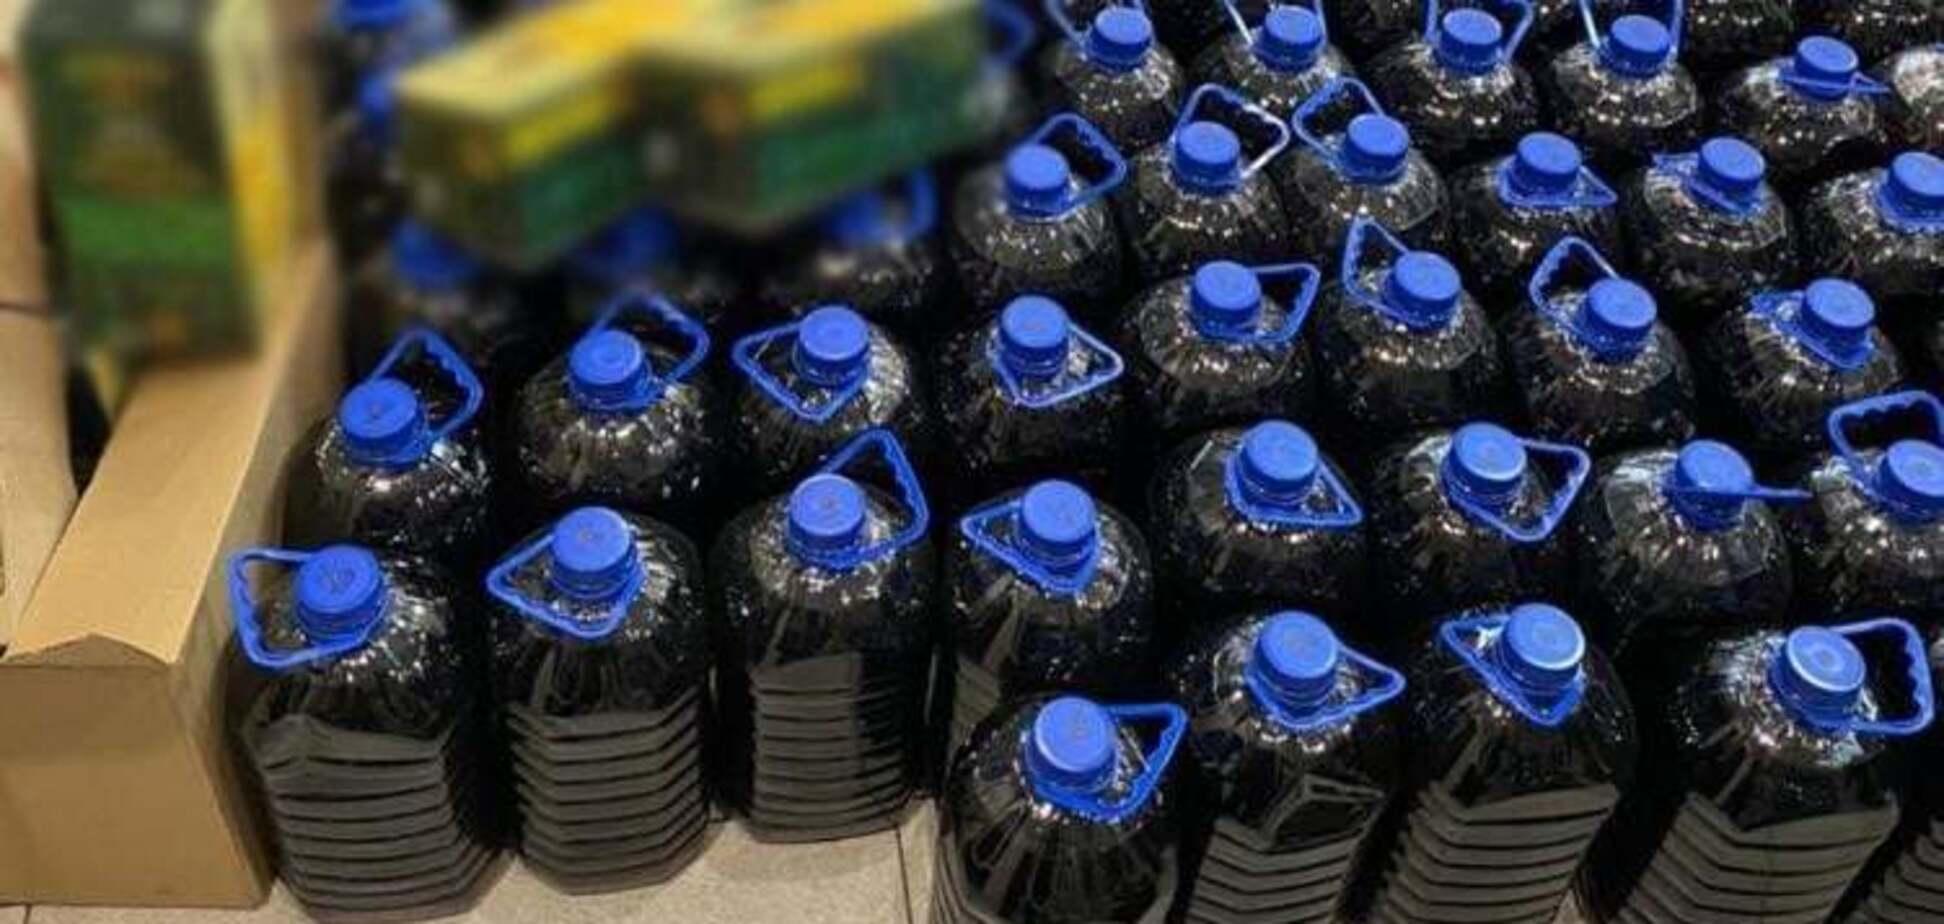 На підприємстві НАН України виготовили підроблений алкоголь більш ніж на 1 млн грн